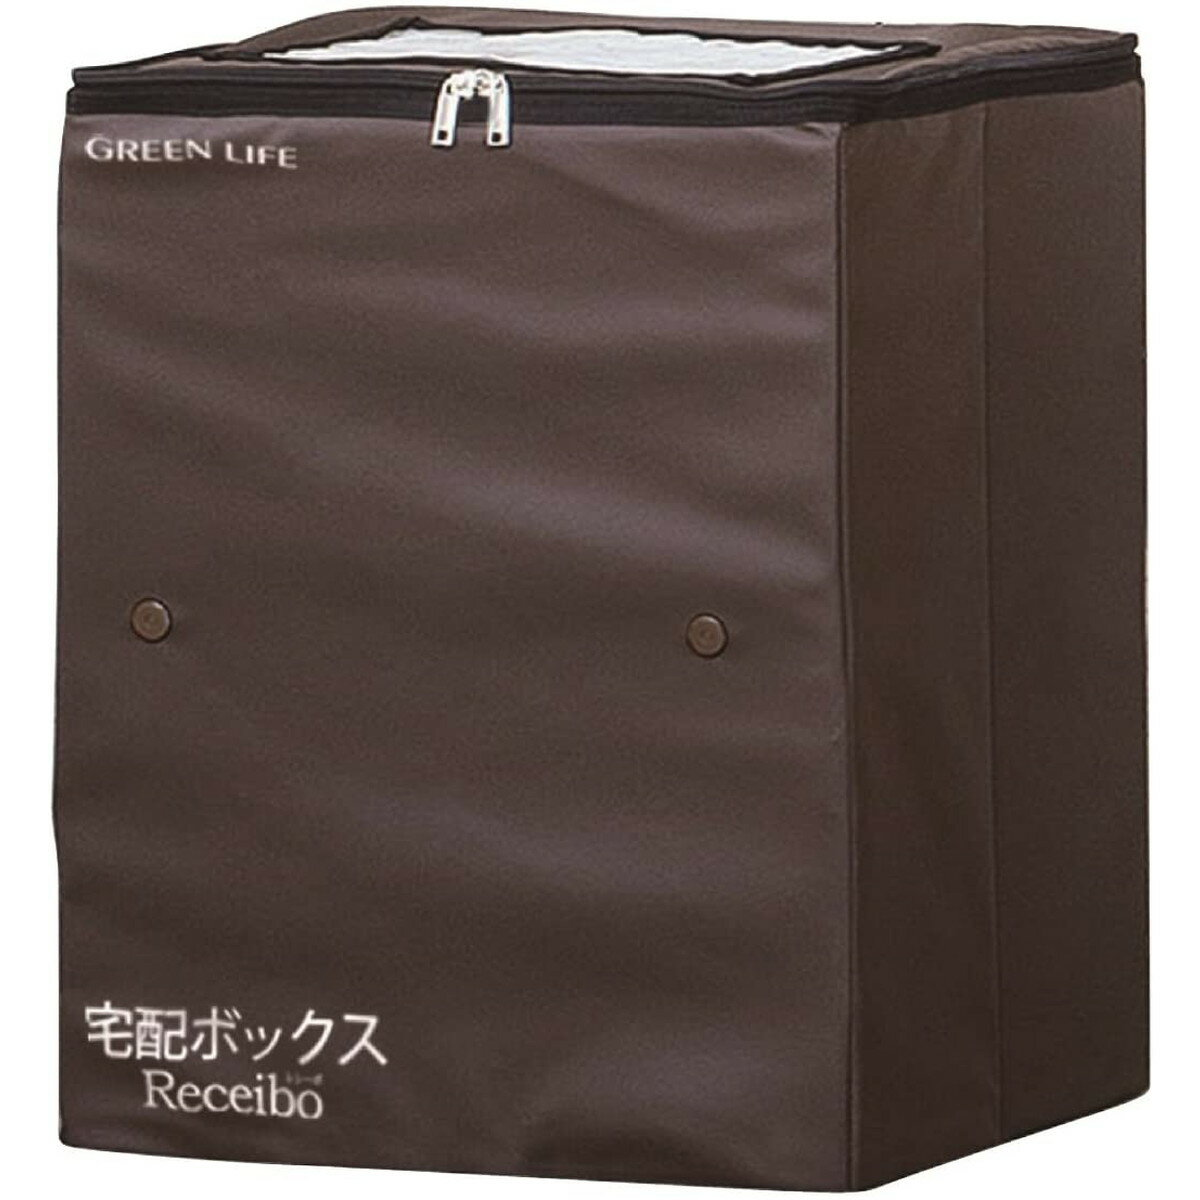 折りたたみソフト宅配ボックス レシーボ 大容量 70ℓ TRO-3452(GREEN LIFE)